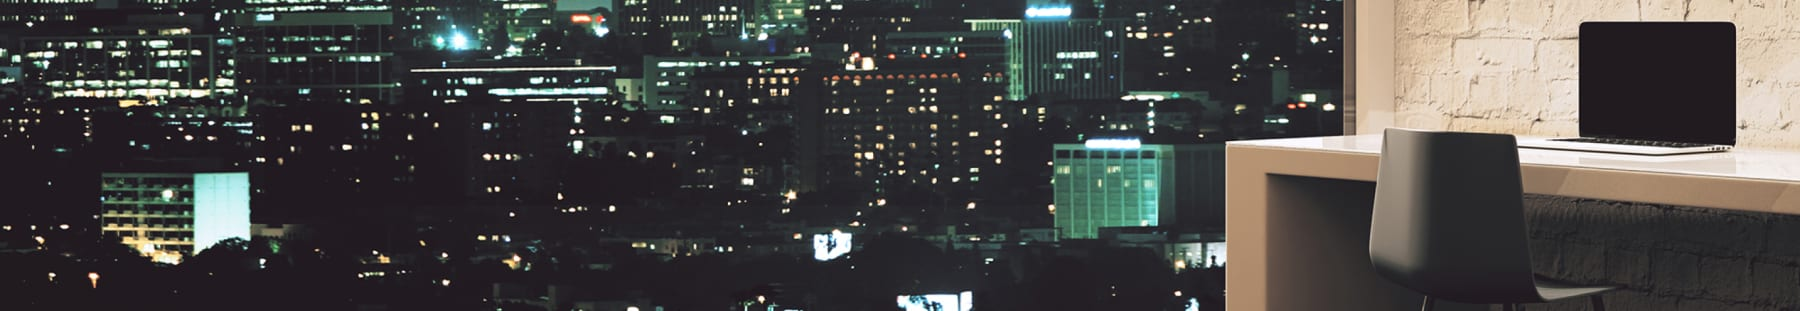 大門駅(東京都)の夜景が綺麗なレンタルスペース